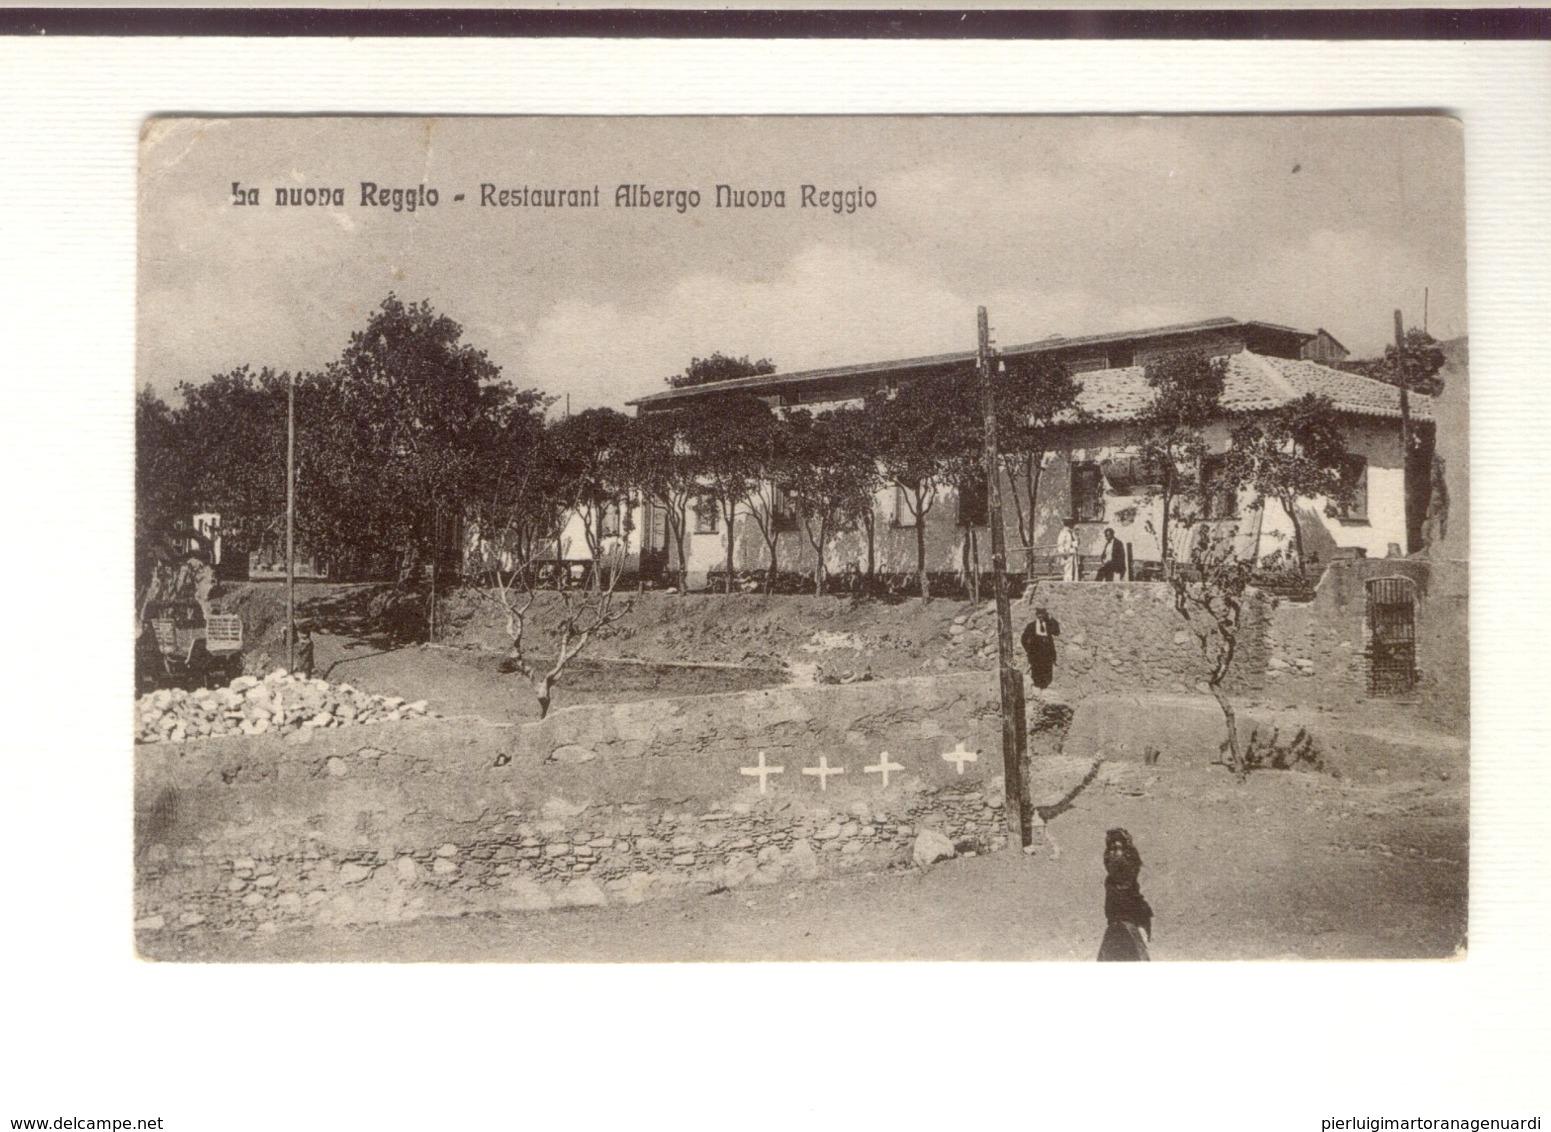 12211 - Reggio Calabria - La Nuova Reggio - Restaurant Albergo Nuova Reggio - Reggio Calabria